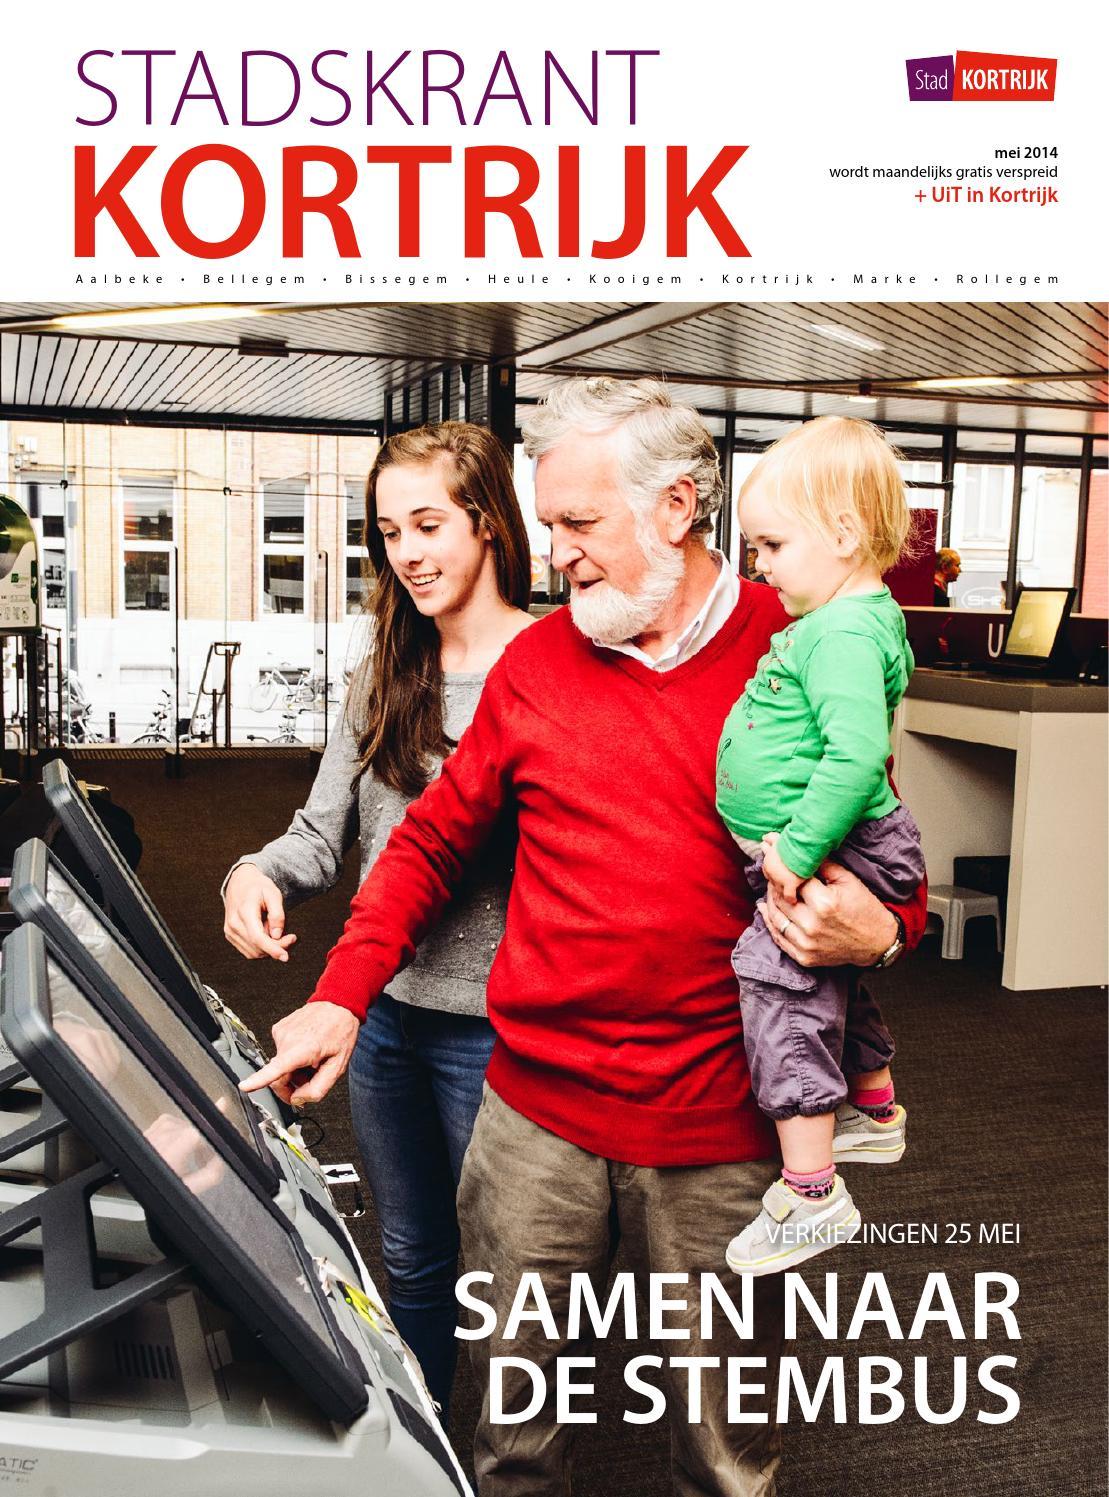 Stadskrant kortrijk mei 2015 by stad kortrijk   issuu